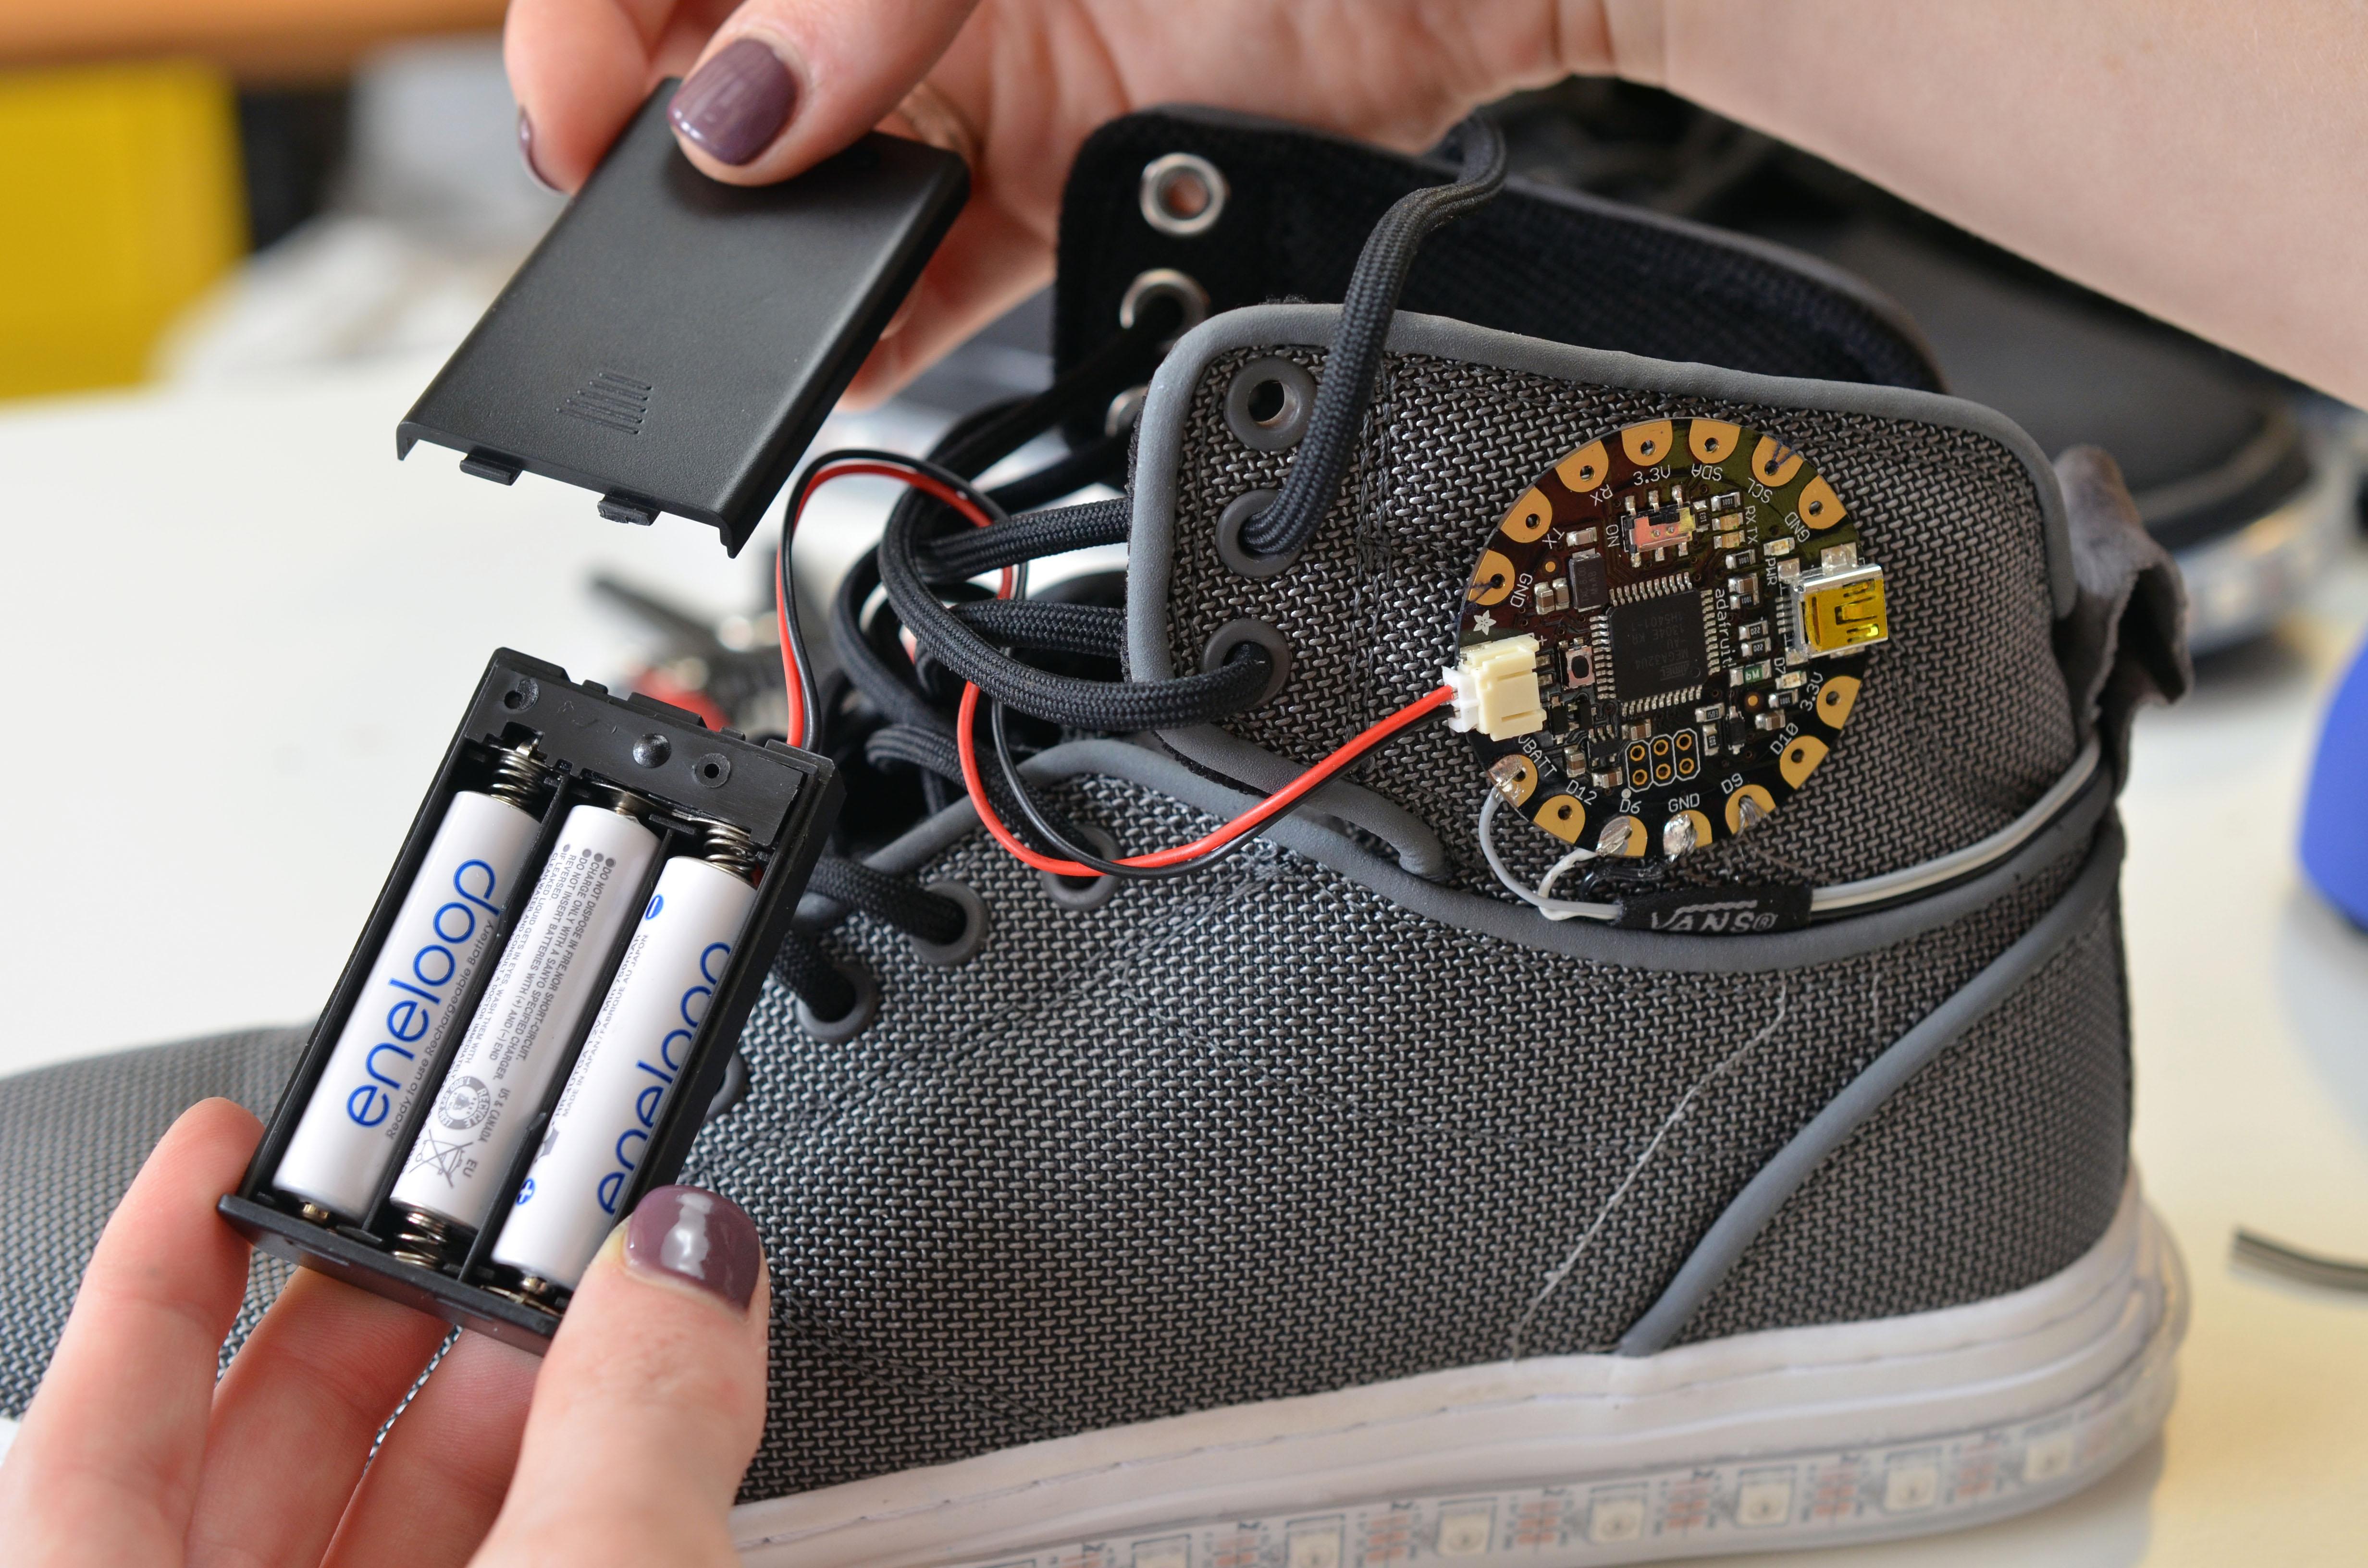 flora_firewalker-led-sneakers-adafruit-26.jpg